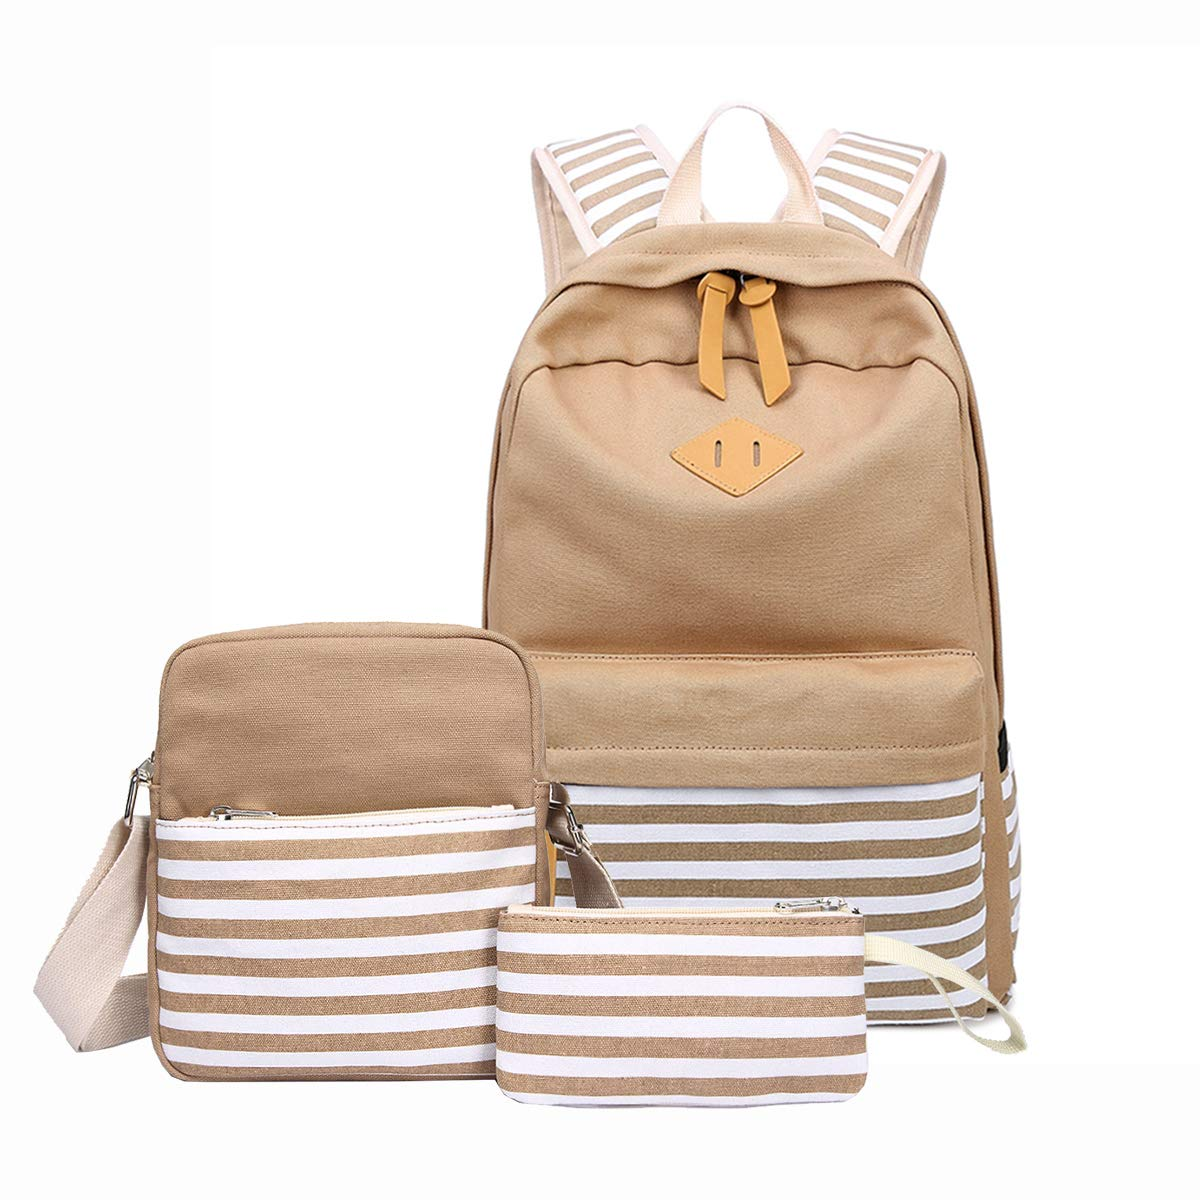 elecfan 3 Pack Schoolbag, Floral Printing Canvas Backpack Laptop Bag Purse/Shoulder Bag/Handbag Wallet Case for Kids Girls Boys Teen Rucksack (3 Pieces Set,Khaki Stripe)